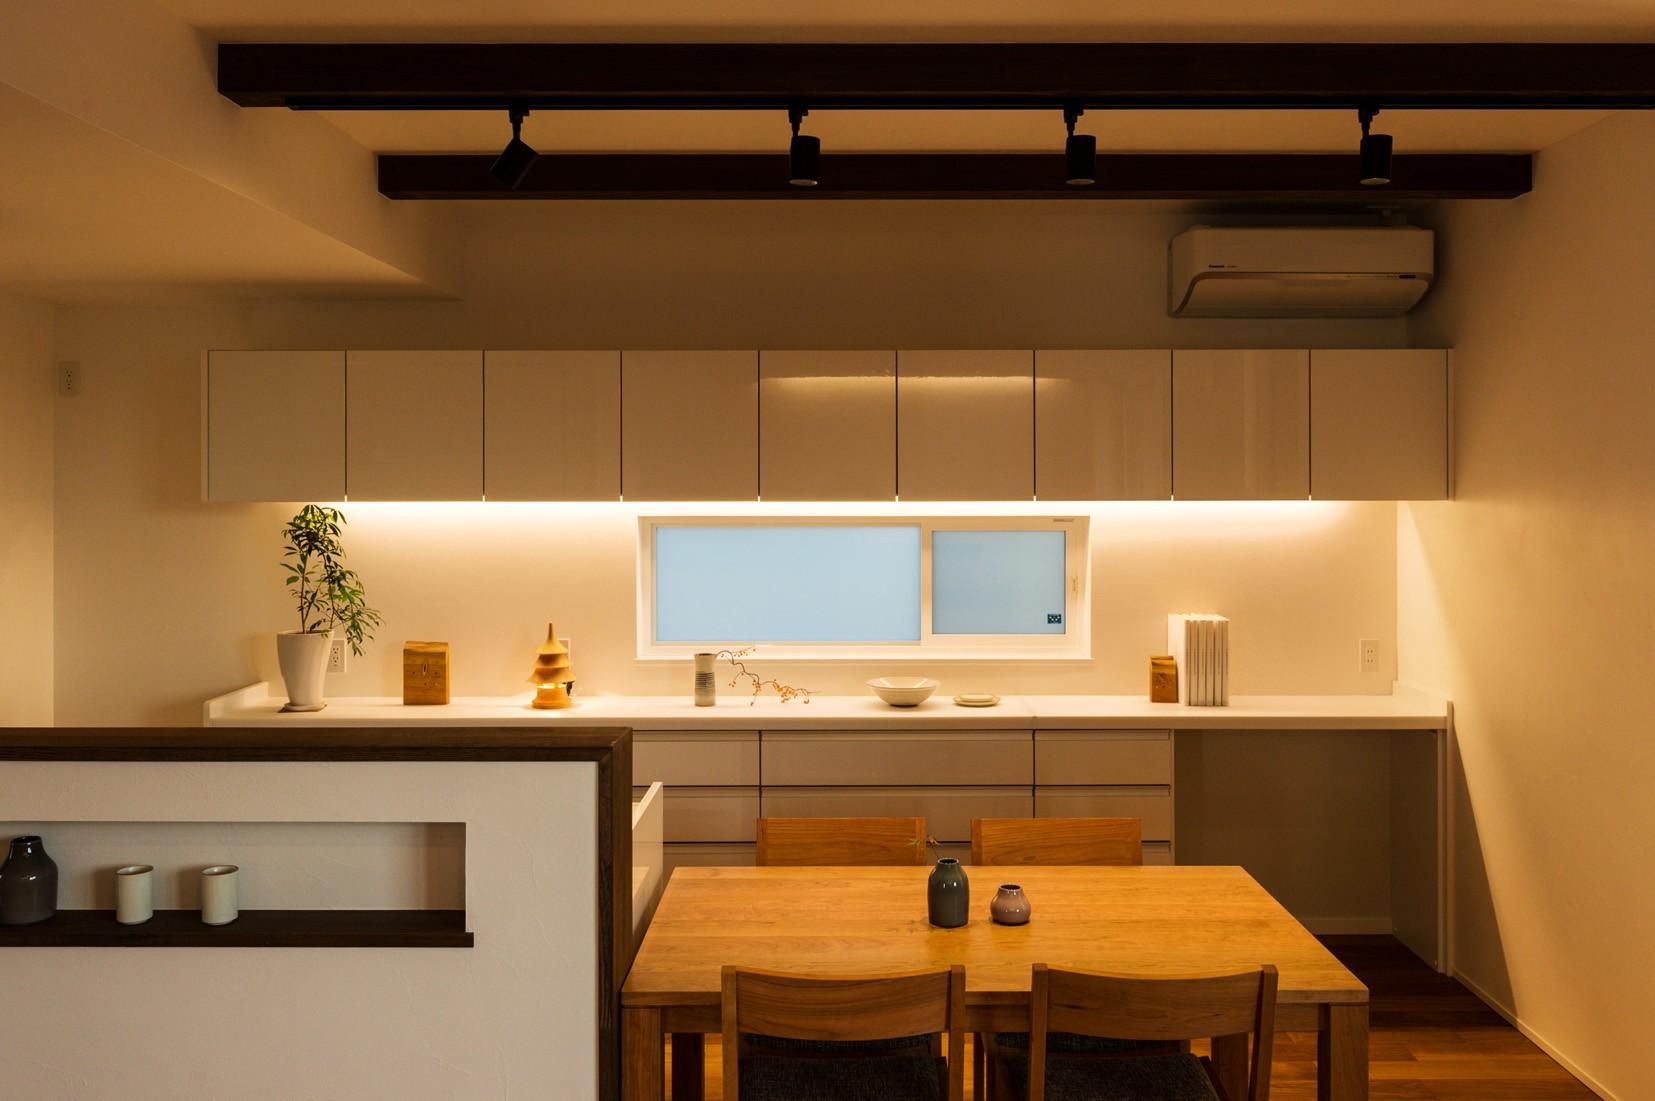 フクダハウジング株式会社「ワンランク上の美しさと機能性の高い家」のシンプル・ナチュラル・モダンなキッチンの実例写真